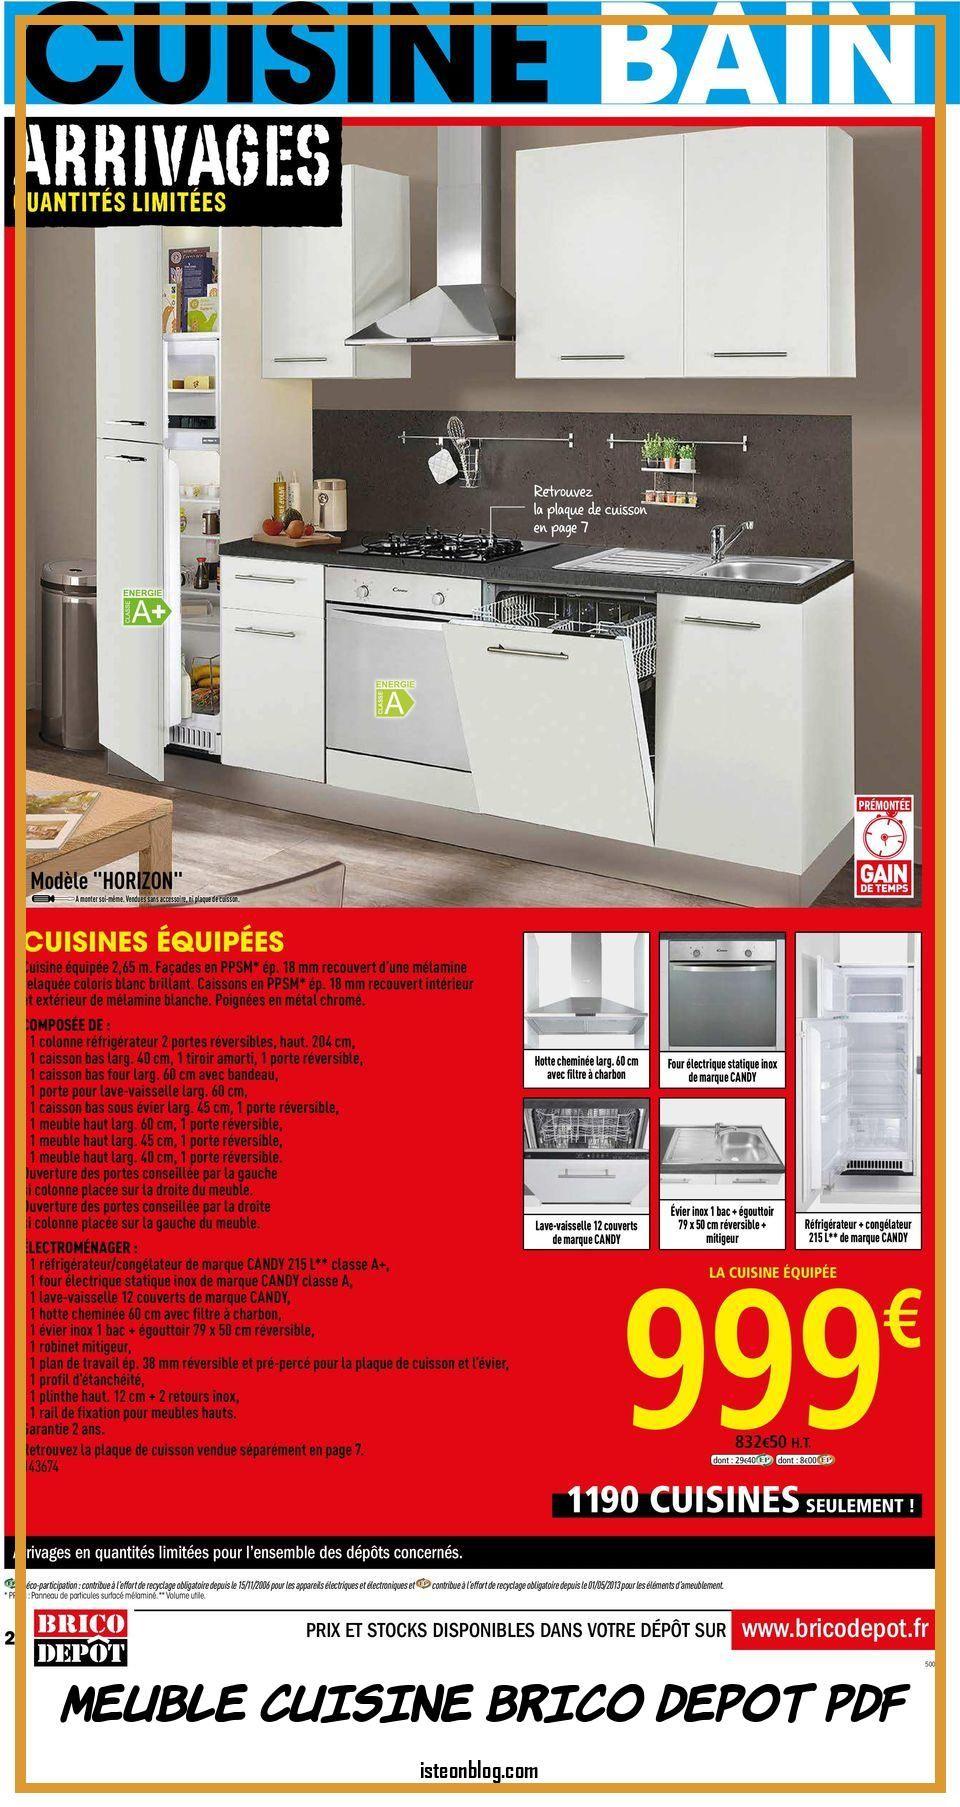 Meuble Cuisine Brico Depot Pdf Facade Meuble Cuisine Meuble Cuisine Meubles De Cuisine Noirs